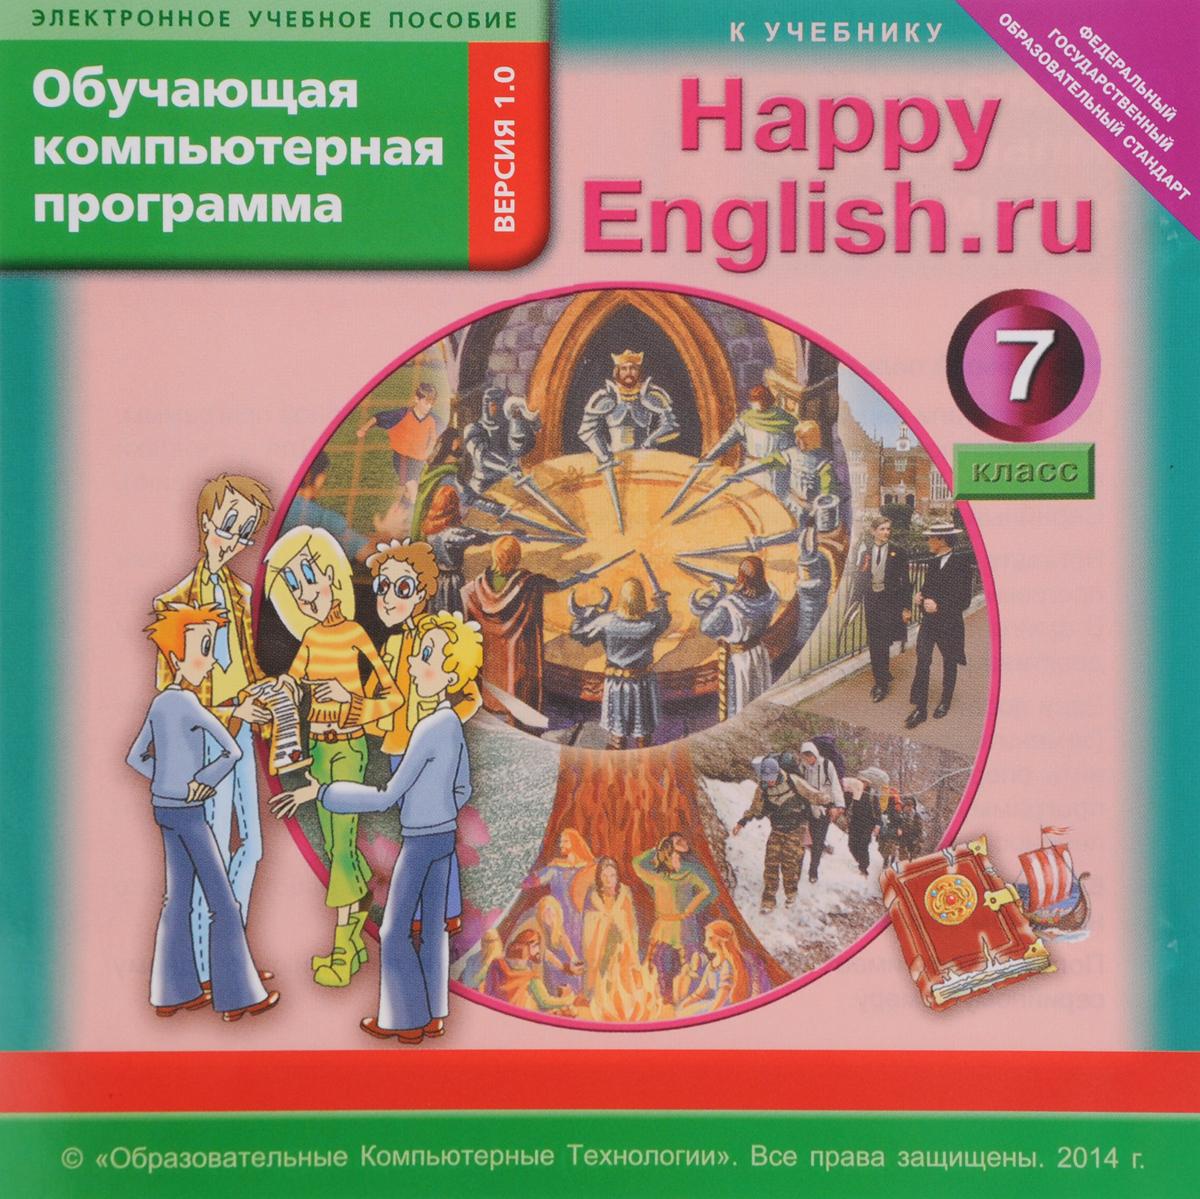 Happy English.ru 7 / Счастливый английский.ру. 7 класс. Обучающая компьютерная программа